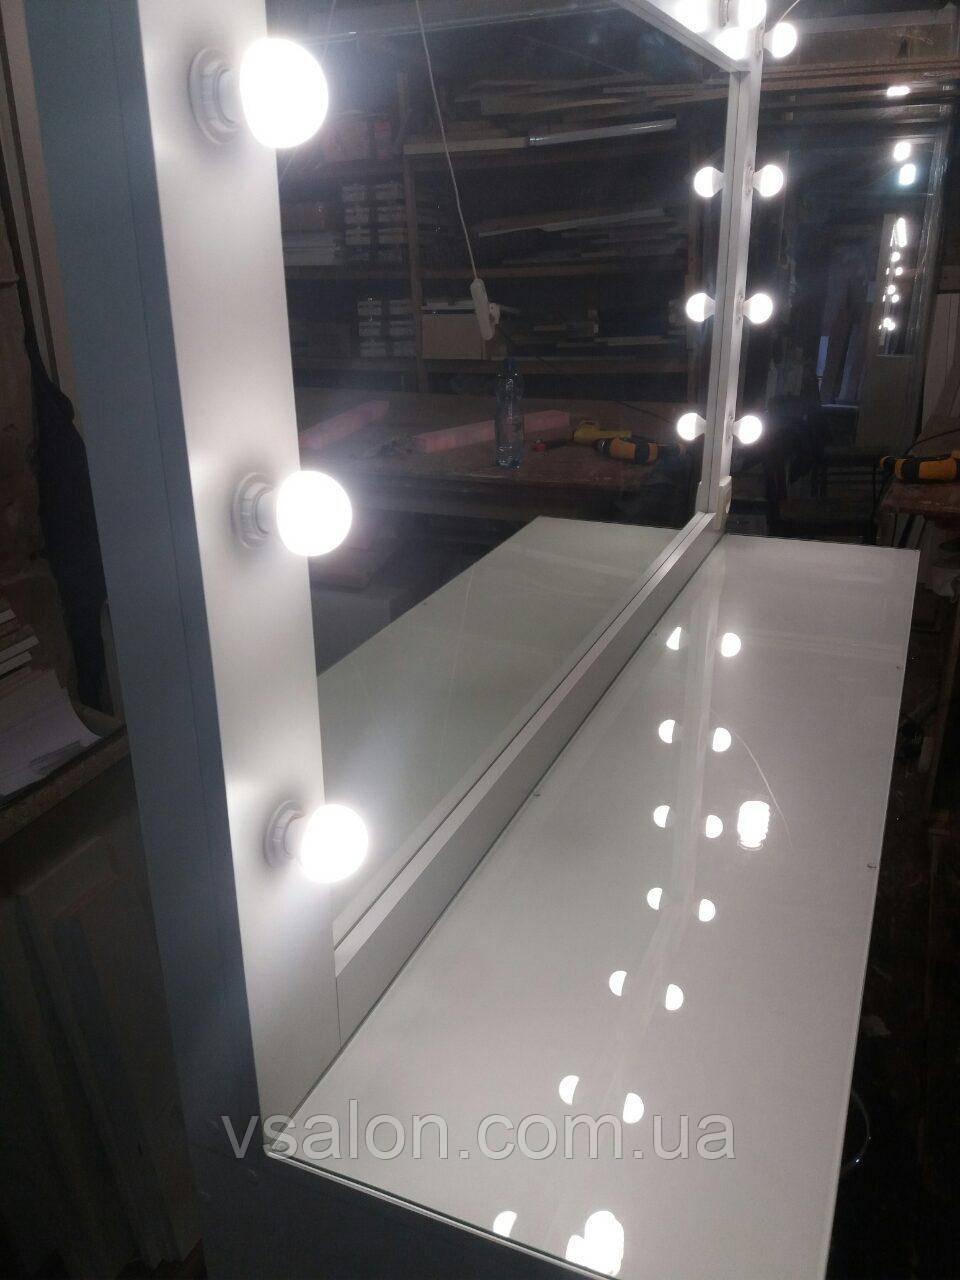 Гримерный столик с подсветкой и защитным стеклом на столешнице А162